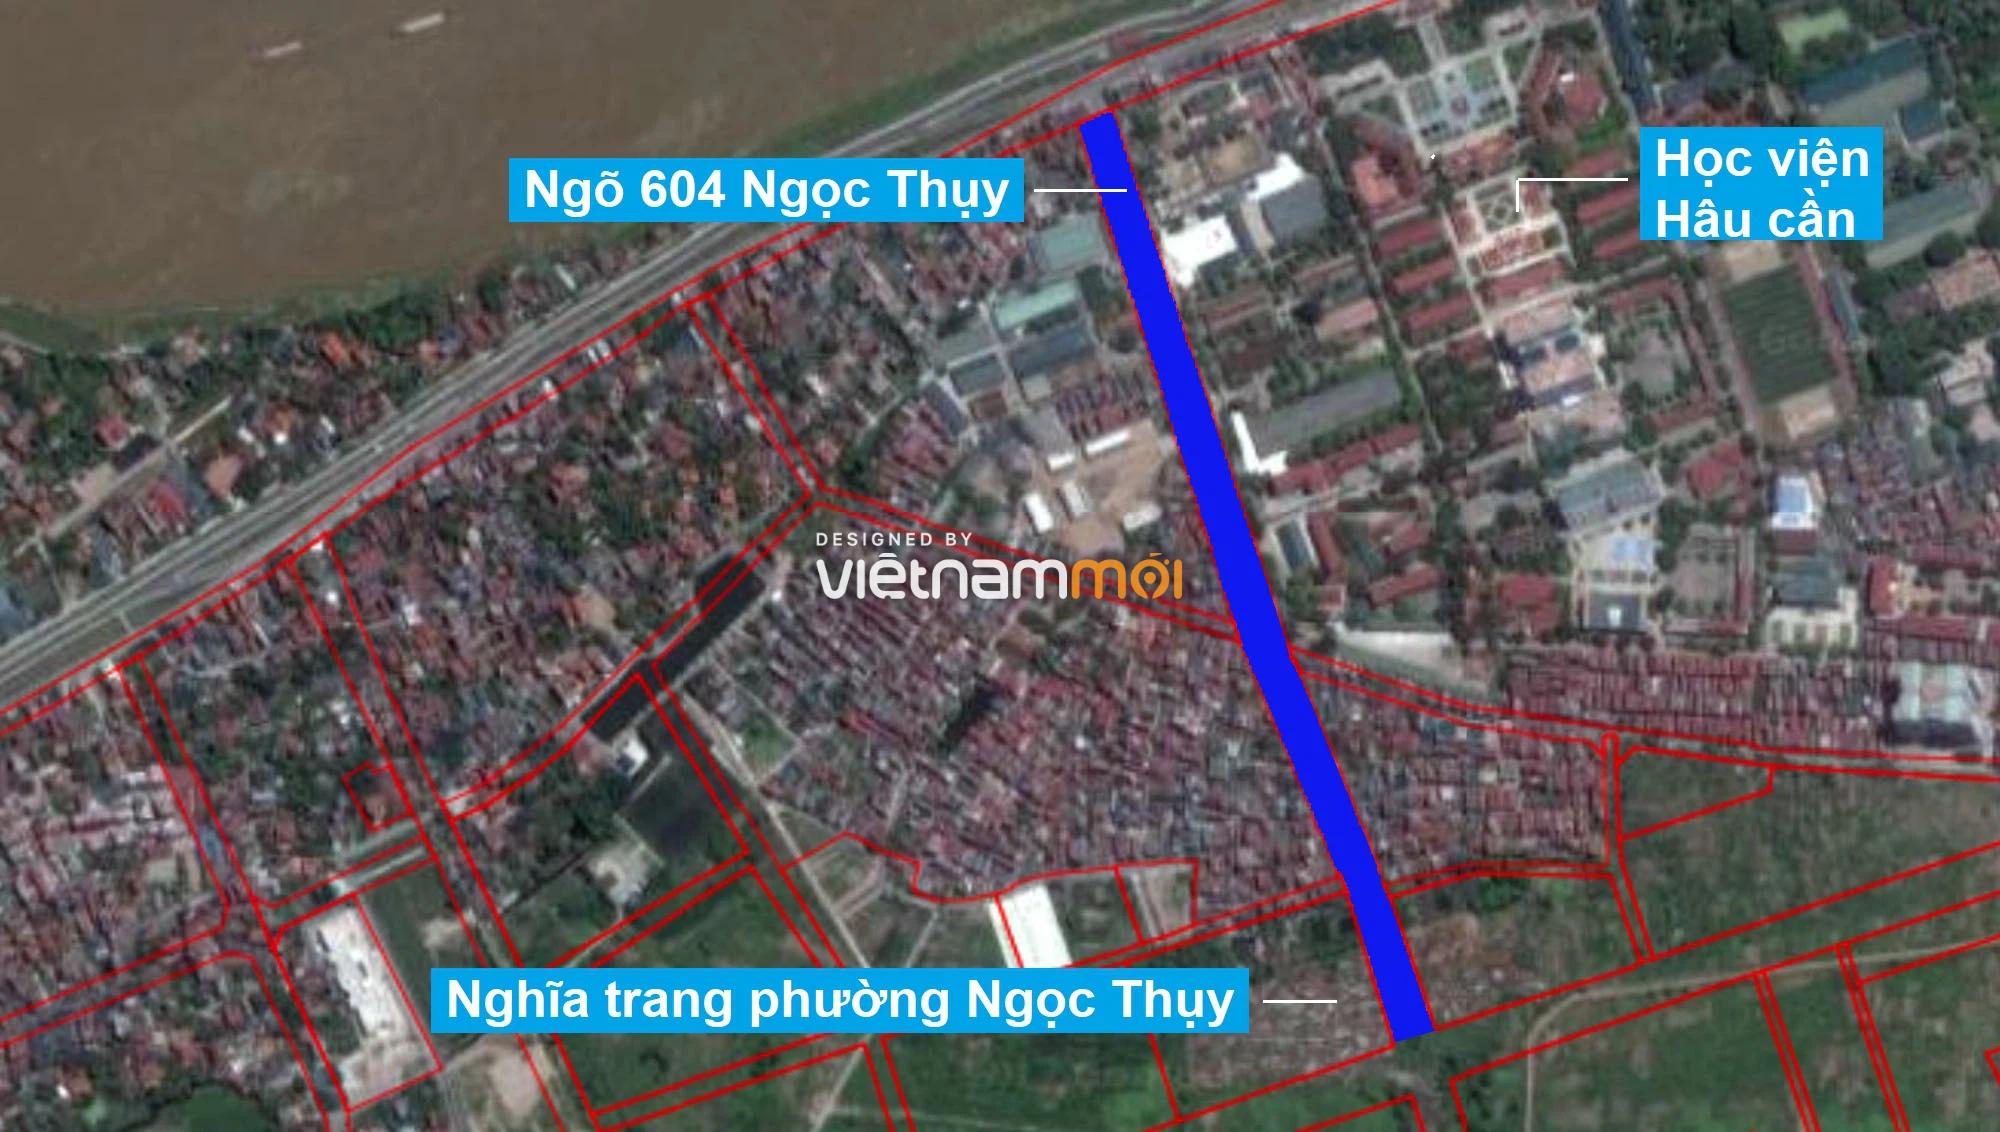 Những khu đất sắp thu hồi để mở đường ở phường Ngọc Thụy, Long Biên, Hà Nội (phần 1) - Ảnh 2.